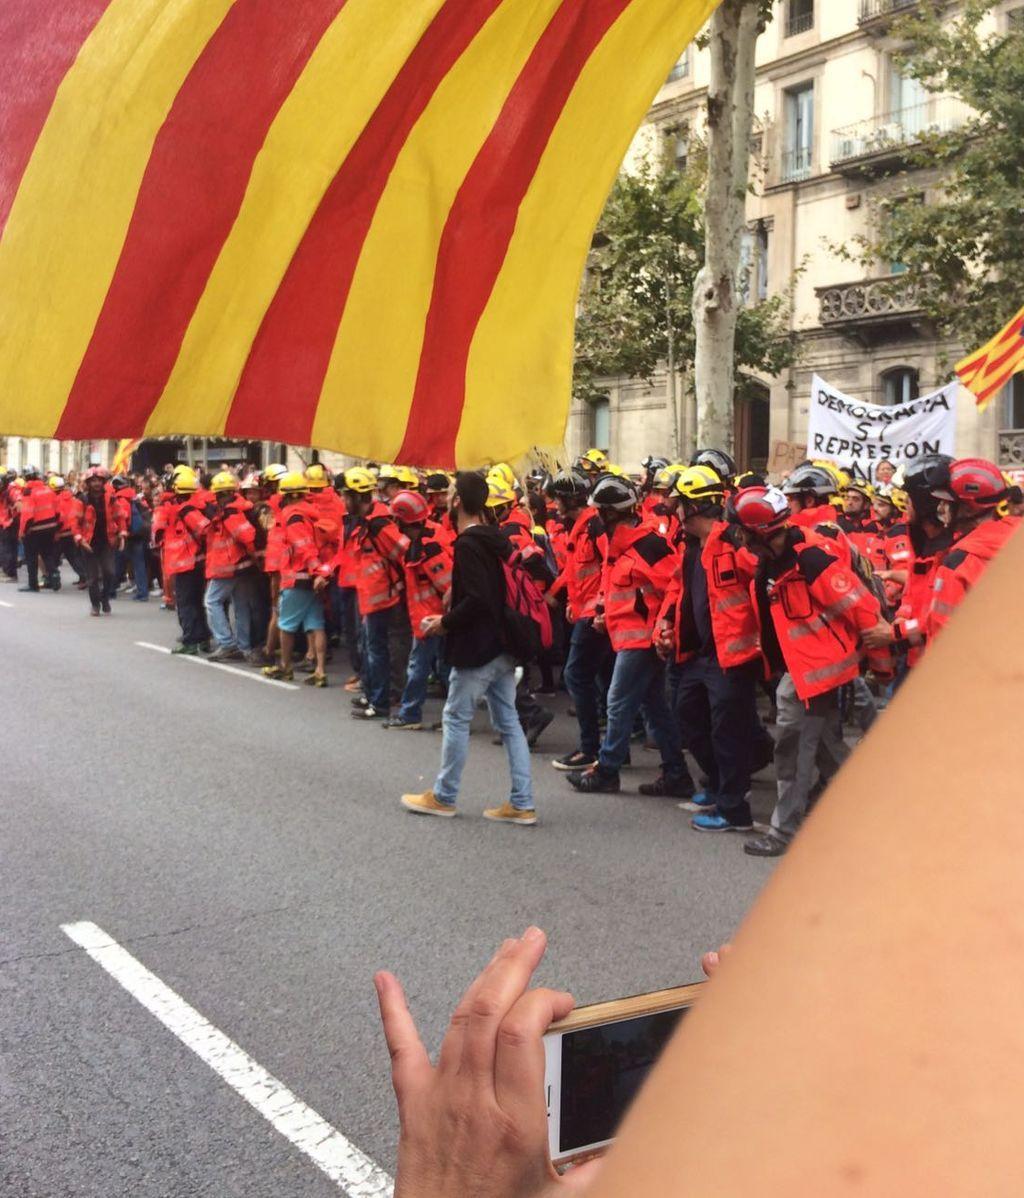 Los bomberos se unen a la manifestación de Barcelona  y hacen un largo cordón